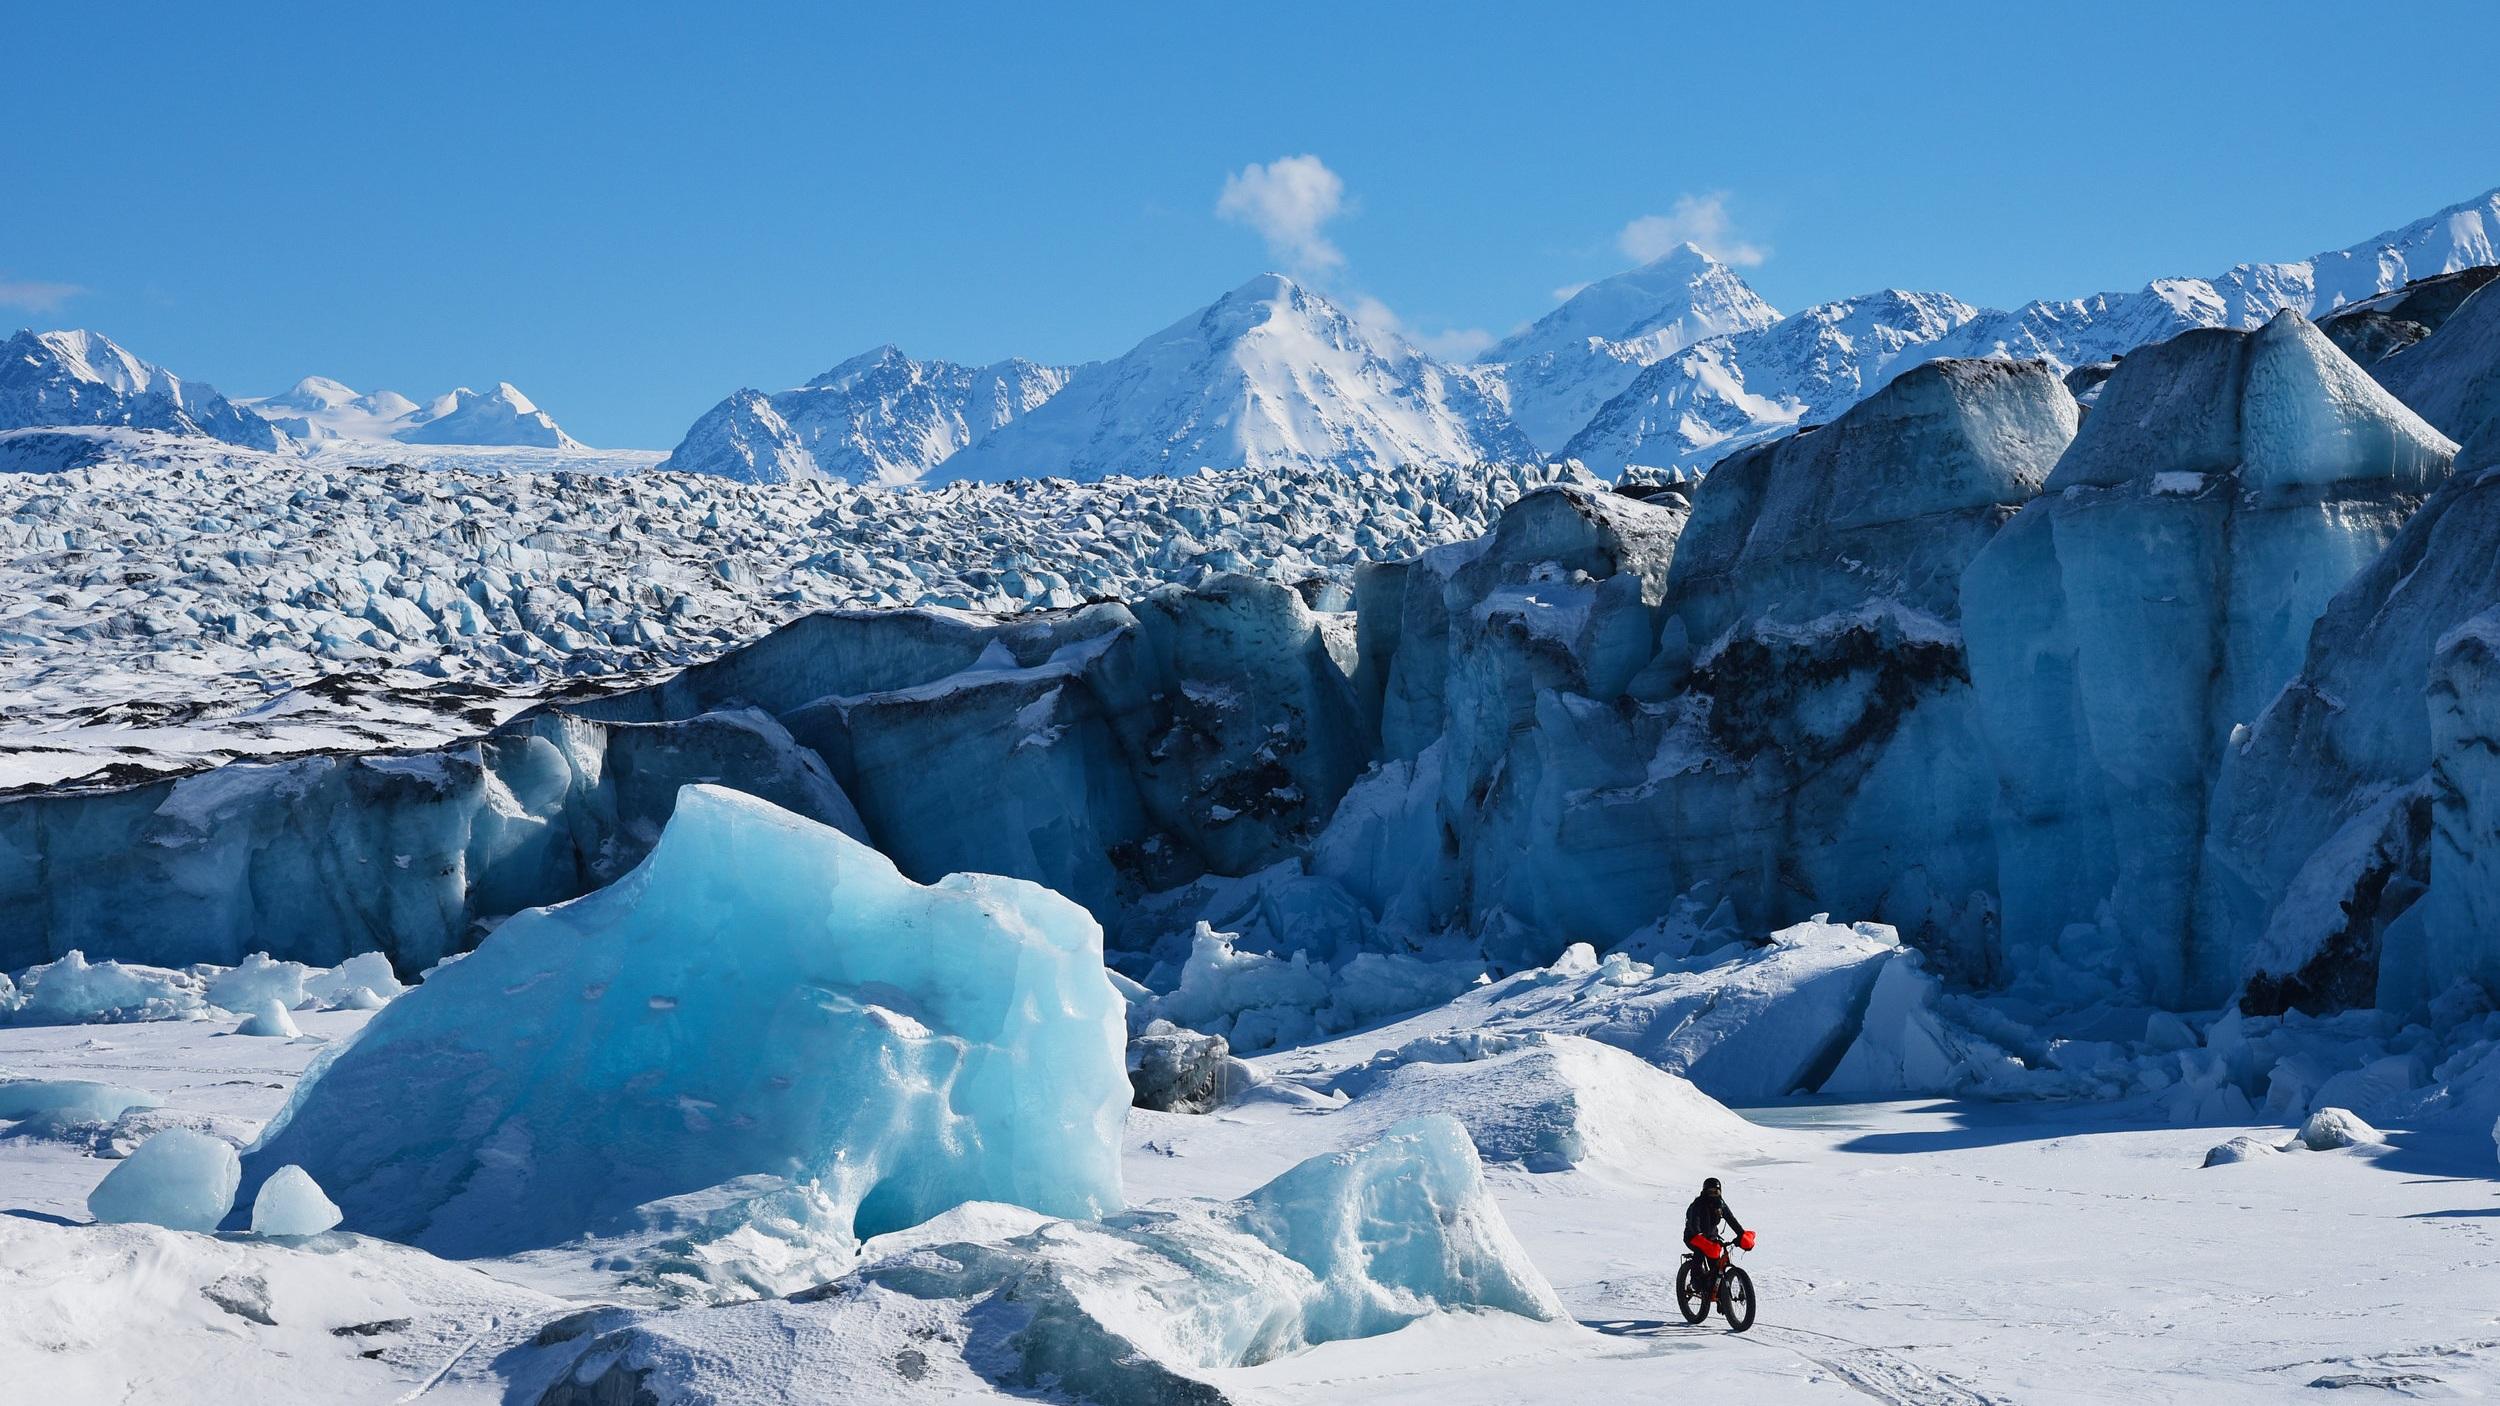 Glaciärtur - Glaciärerna kan snart vara ett minne blott. Här har du chansen att uppleva den majestätiska glaciären Portage Glacier. I turen ingår båtutflykt, en timmes vandring vid glaciären samt ett besök på Alaska Wildlife Conservation Center.